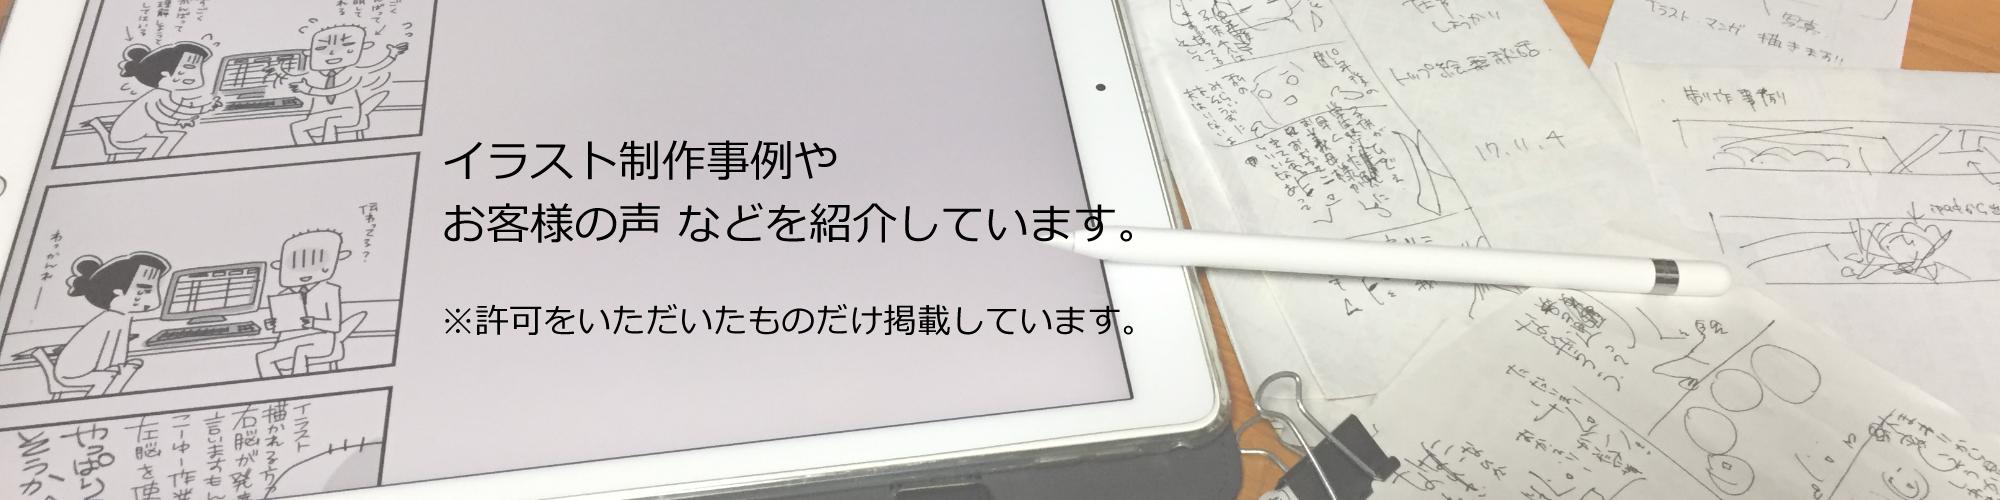 【制作事例】